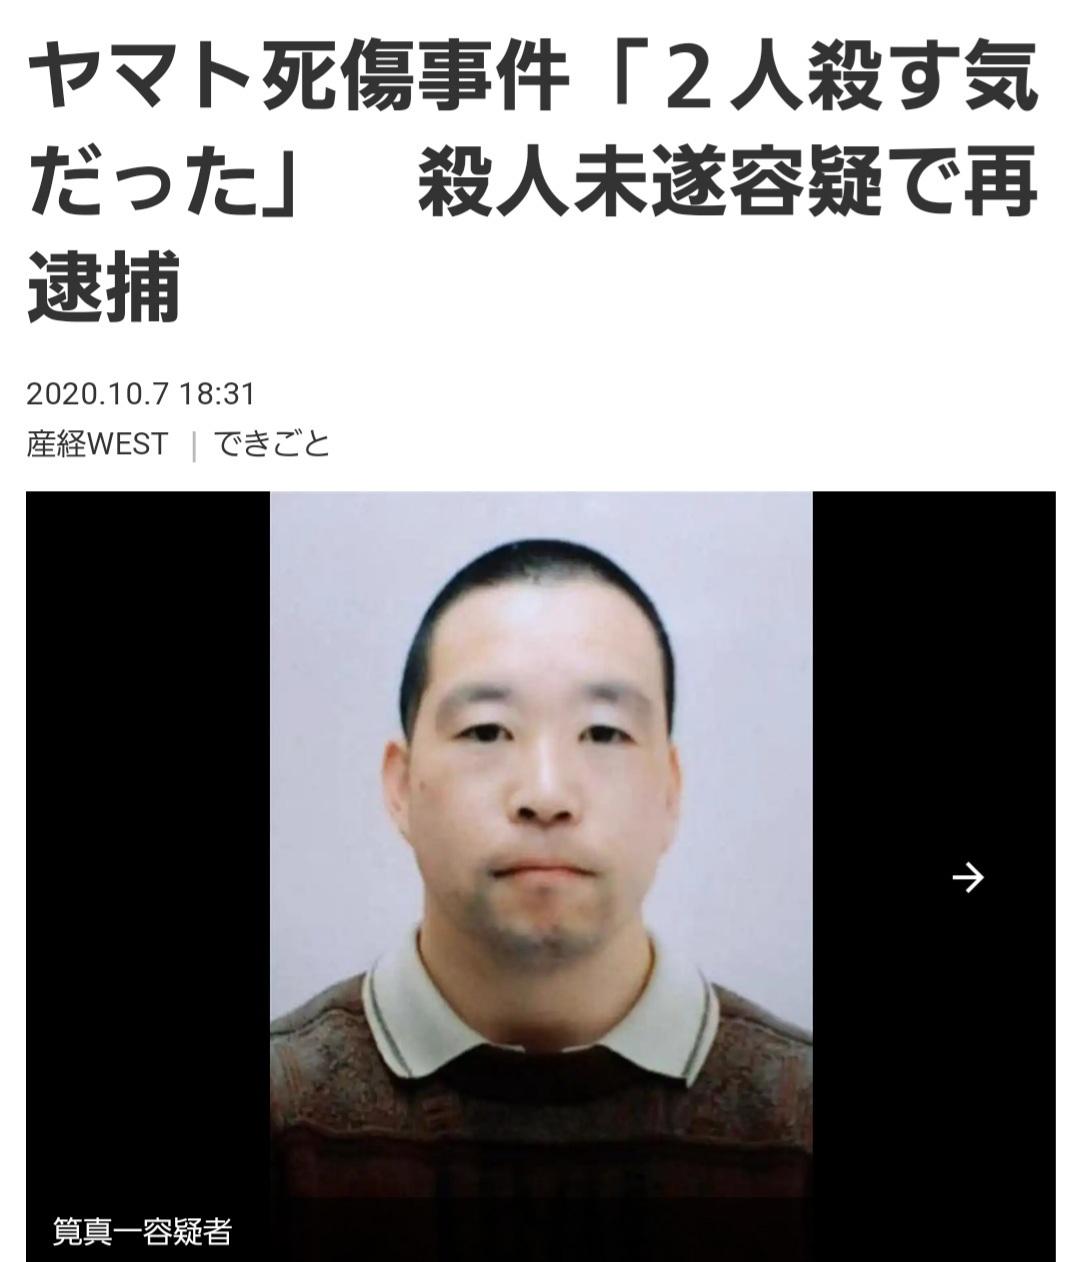 モヤモヤムカムカ_e0338831_13504362.jpg